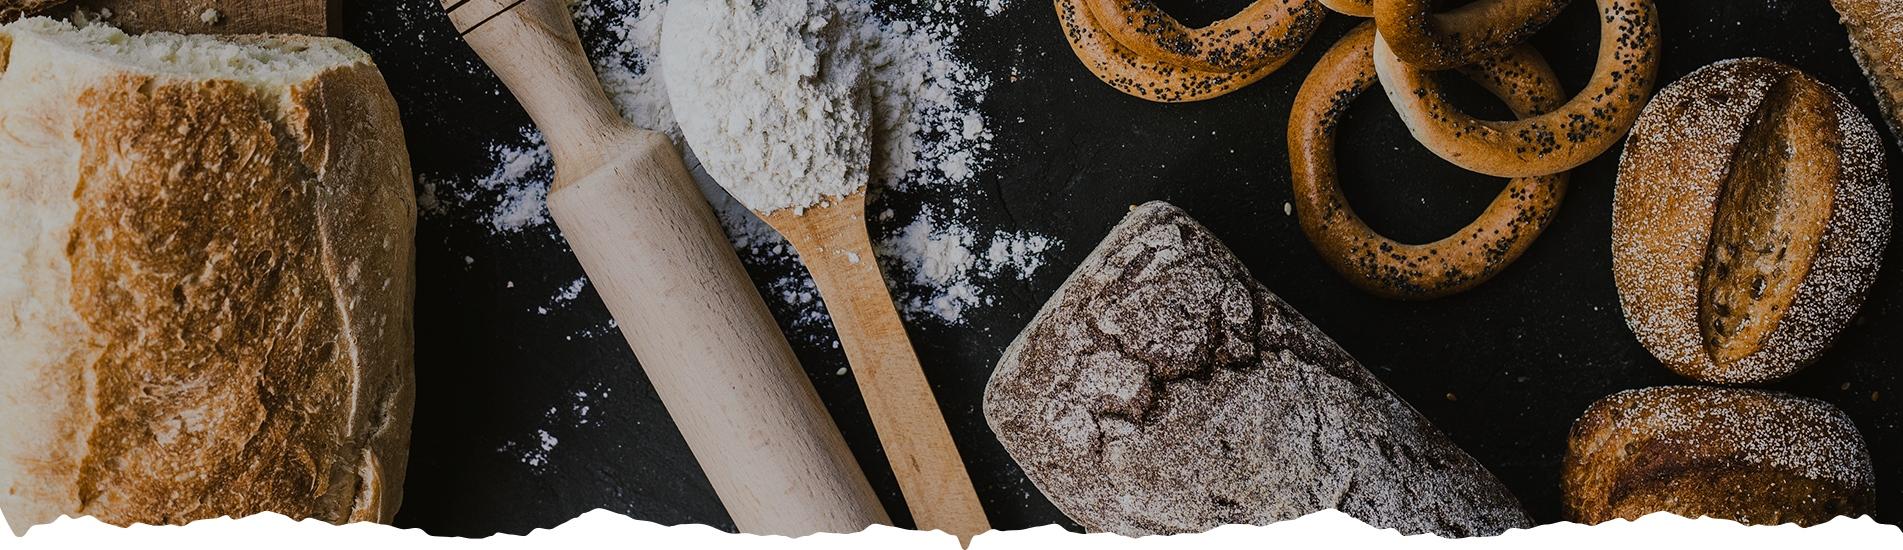 לחם ואפייה - משק מיכאלי - סלי ירקות ופירות